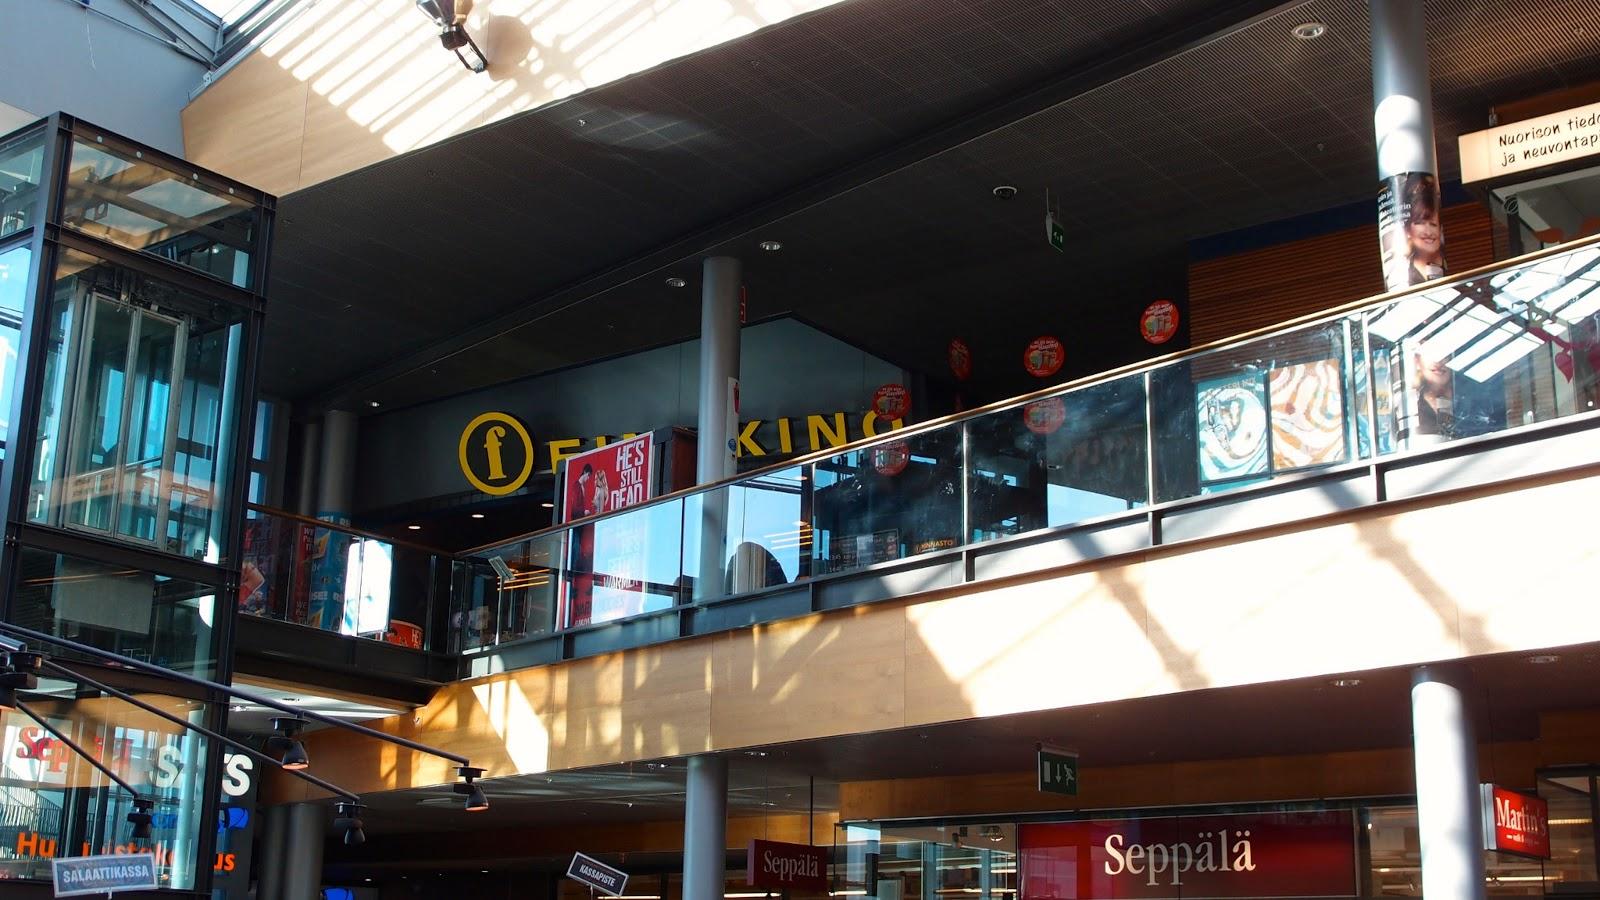 Elokuvateattereita: Finnkino Omena – entinen elokuvateatteri